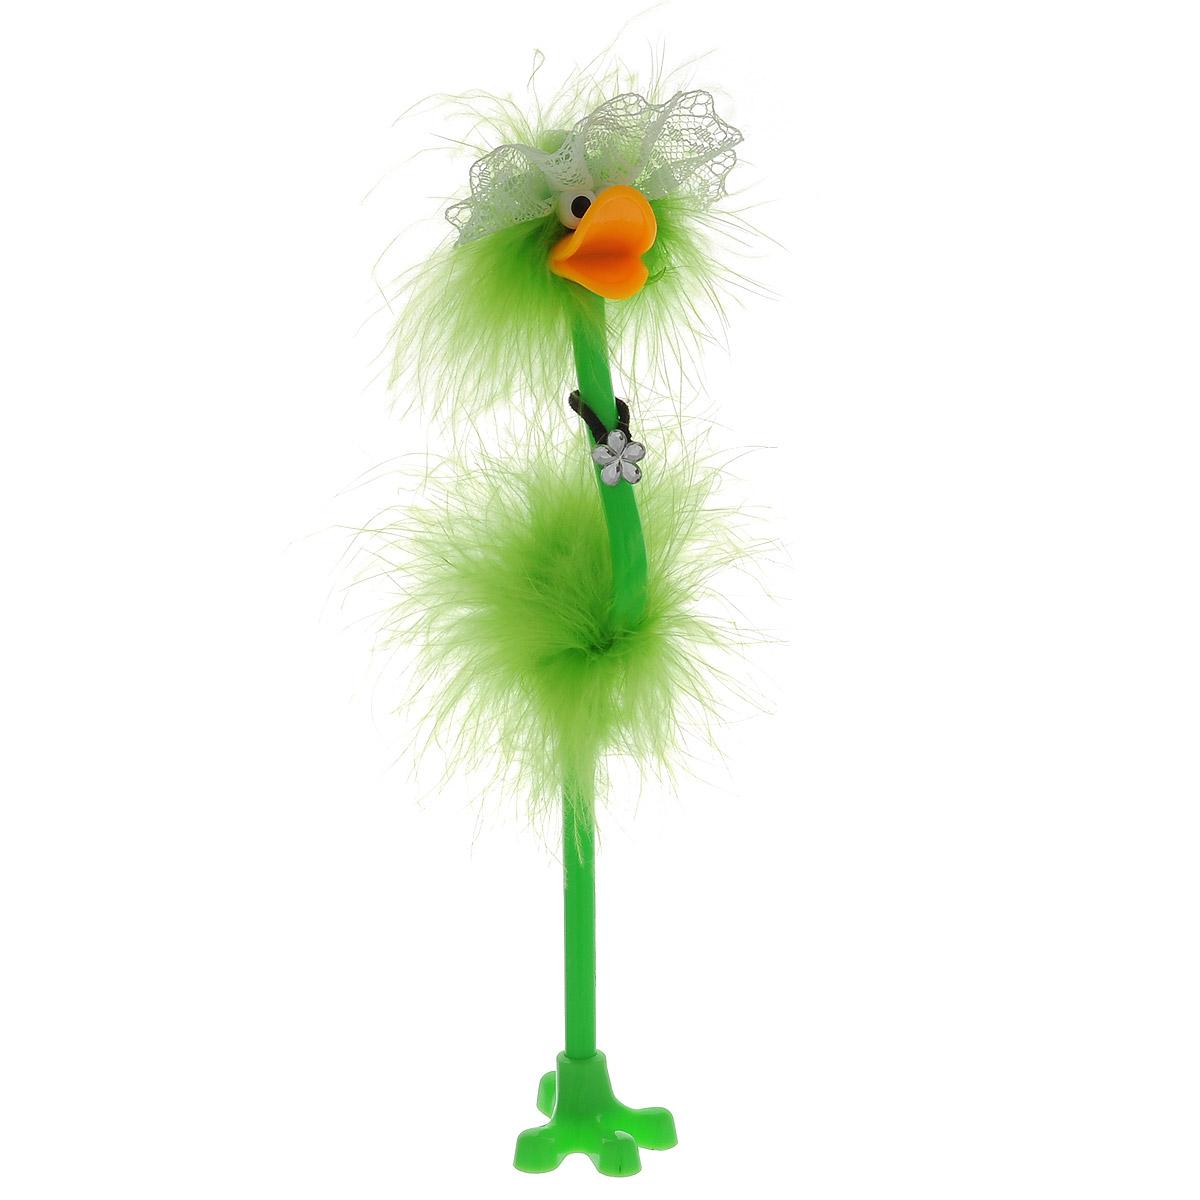 Ручка-игрушка Flamingo, в кружевной шляпке, с подставкой, цвет: салатовый72523WDОригинальная шариковая ручка-игрушка Flamingo станет отличным подарком и незаменимым аксессуаром на вашем рабочем столе. Ручка, украшенная перьями, выполнена в виде забавной птички фламинго в широкополой кружевной шляпке. К ручке прилагается подставка в виде лапки. Такая ручка - это забавный и практичный подарок, она не потеряется среди бумаг и непременно вызовет улыбку окружающих.